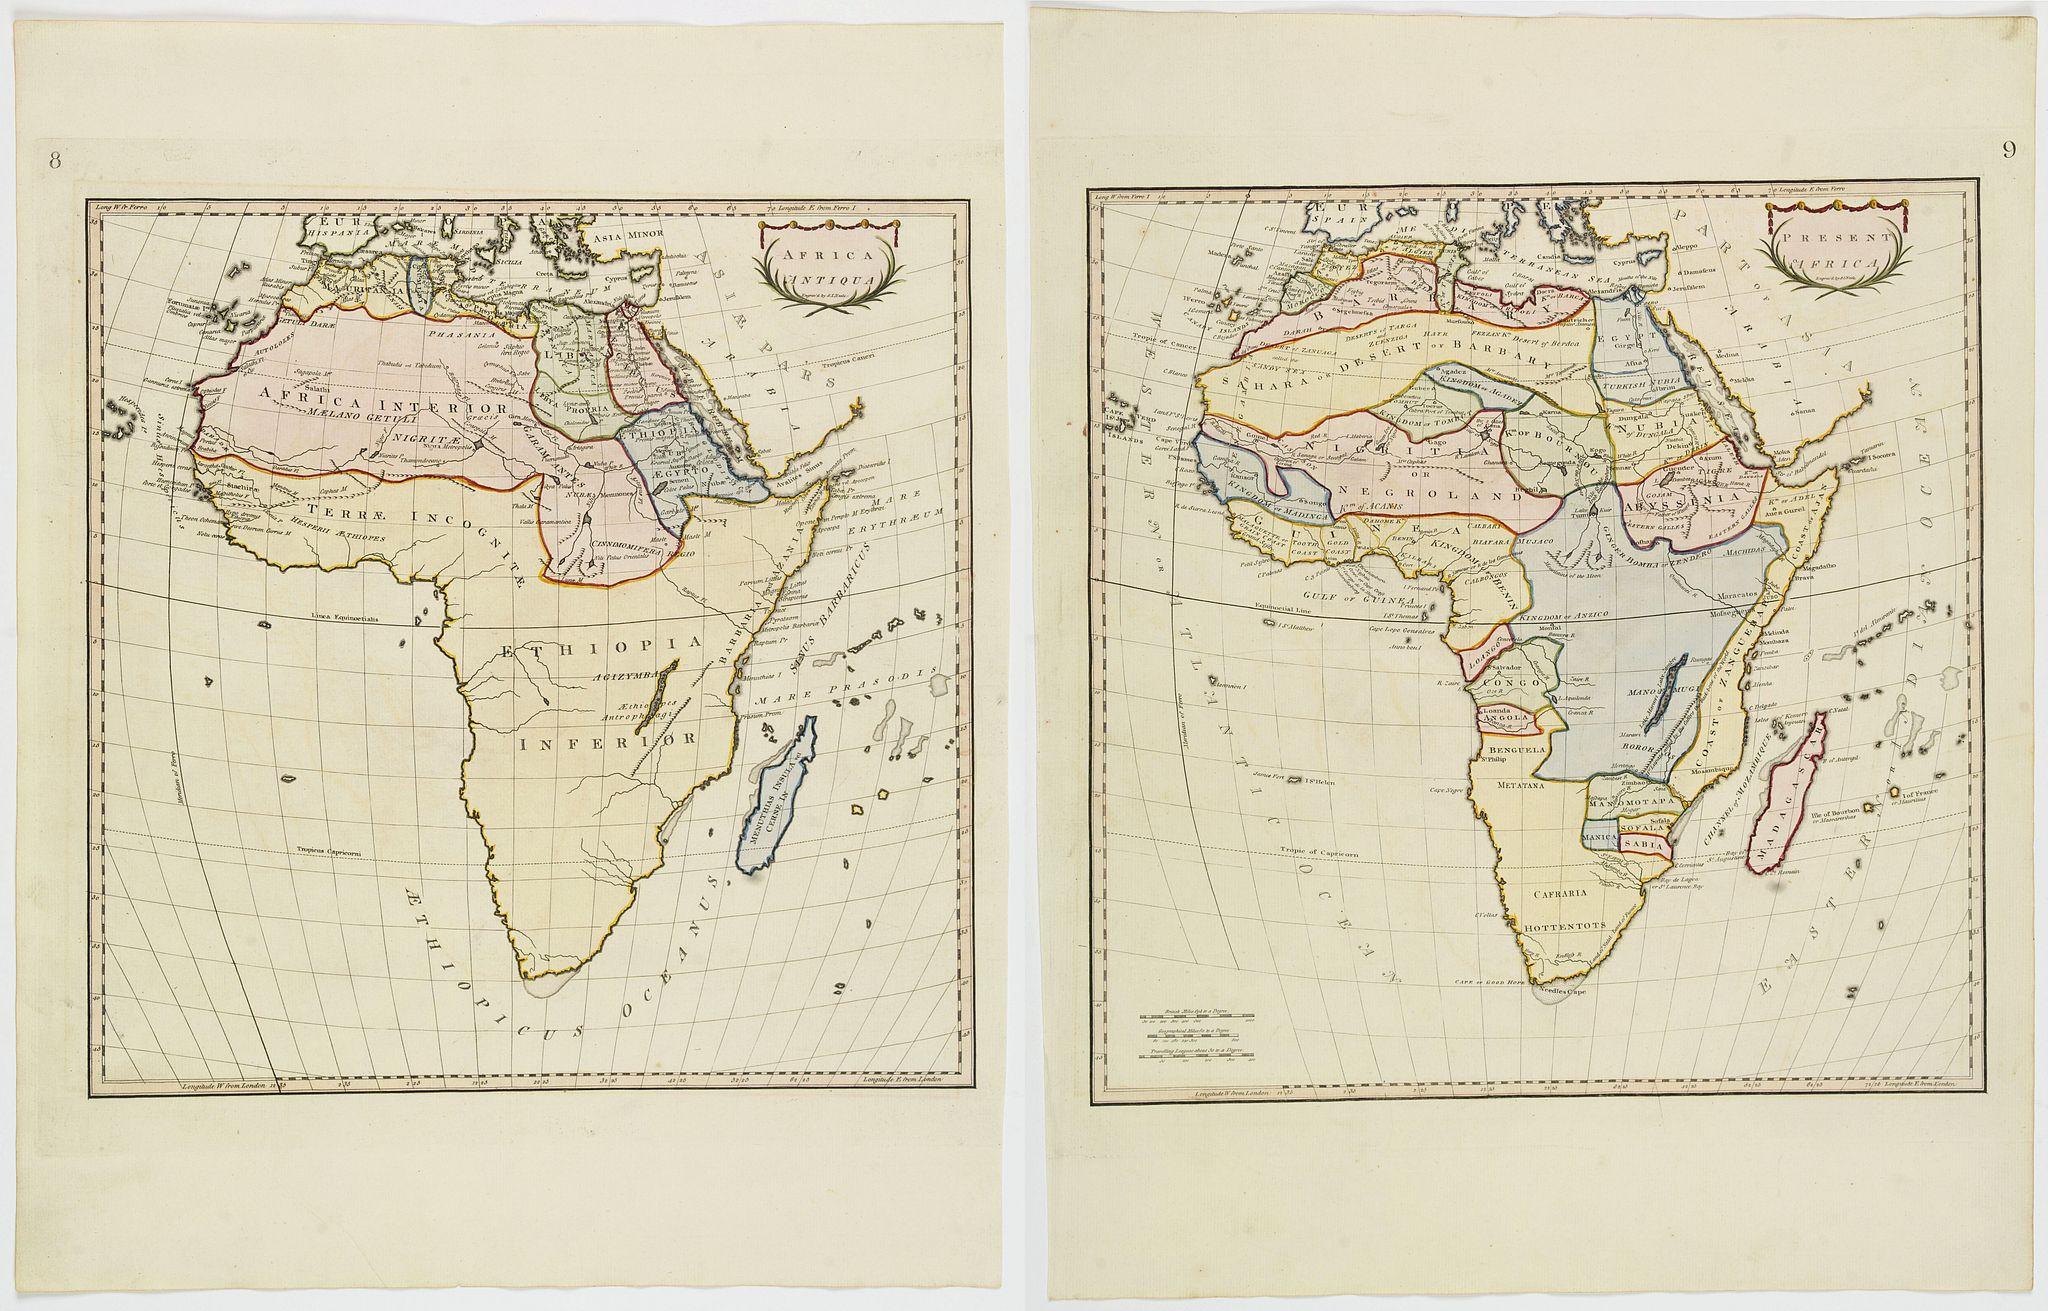 STACKHOUSE, Thomas. - Africa Antiqua / Present Africa.